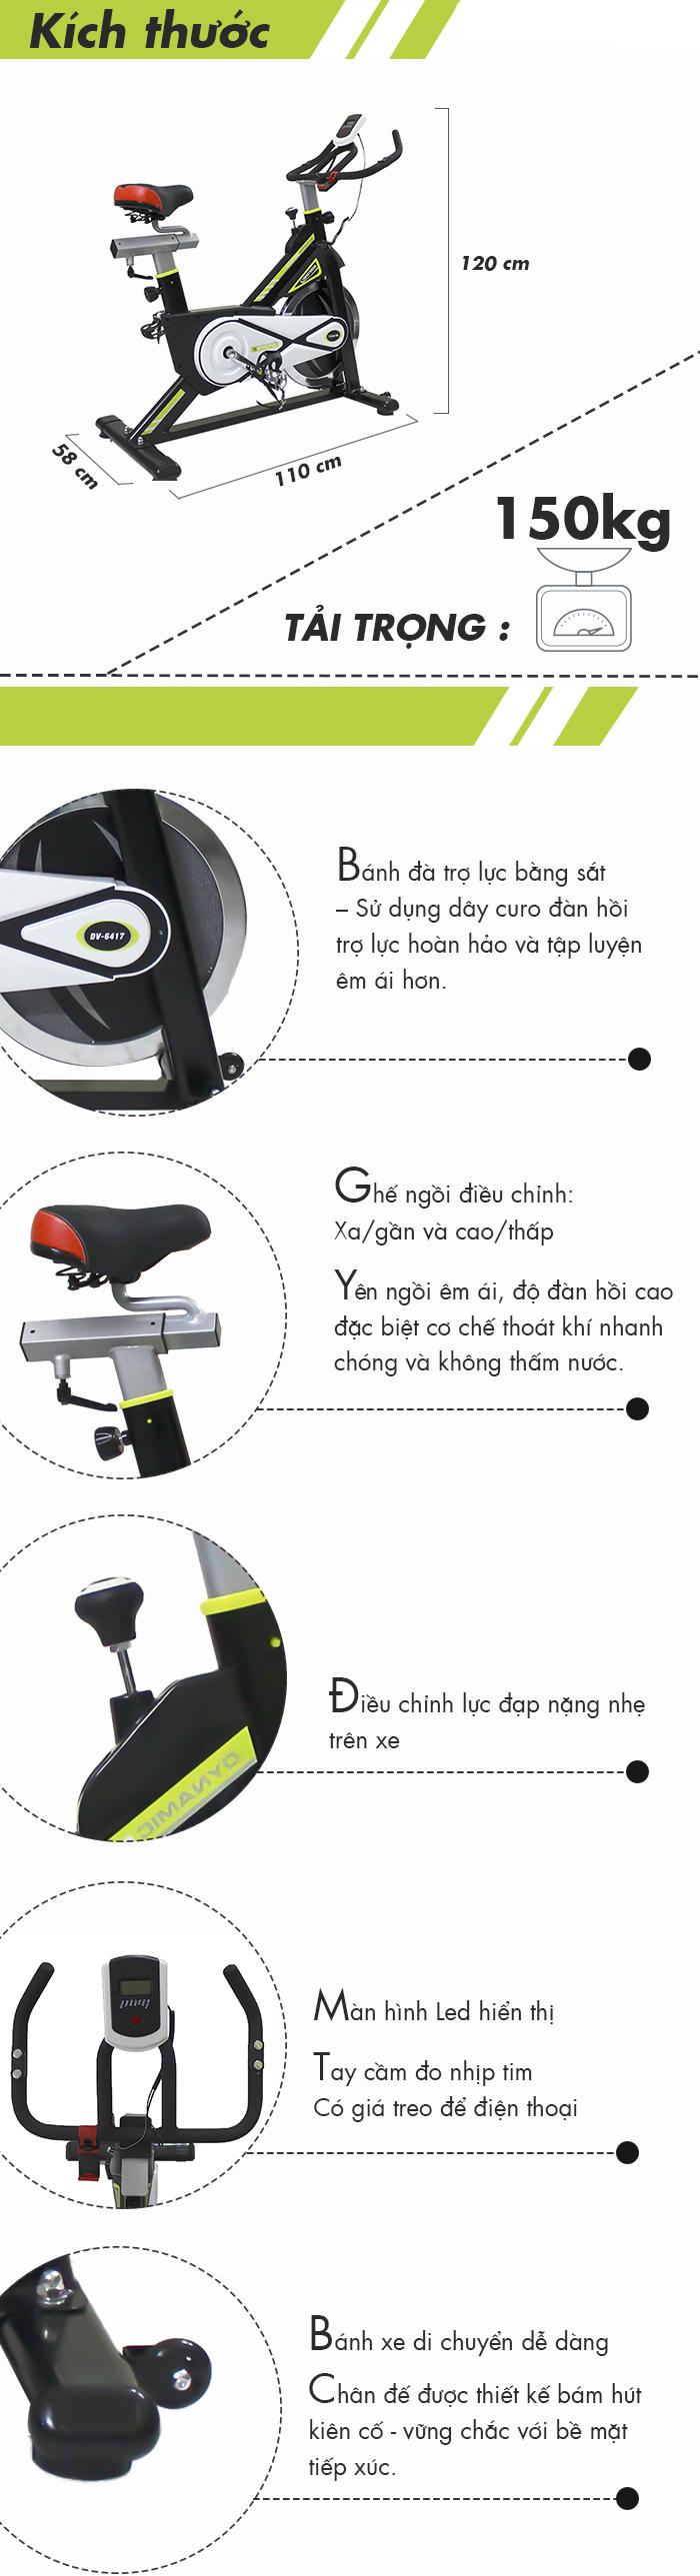 Thông tin về Xe đạp tập thể thao DV-6417